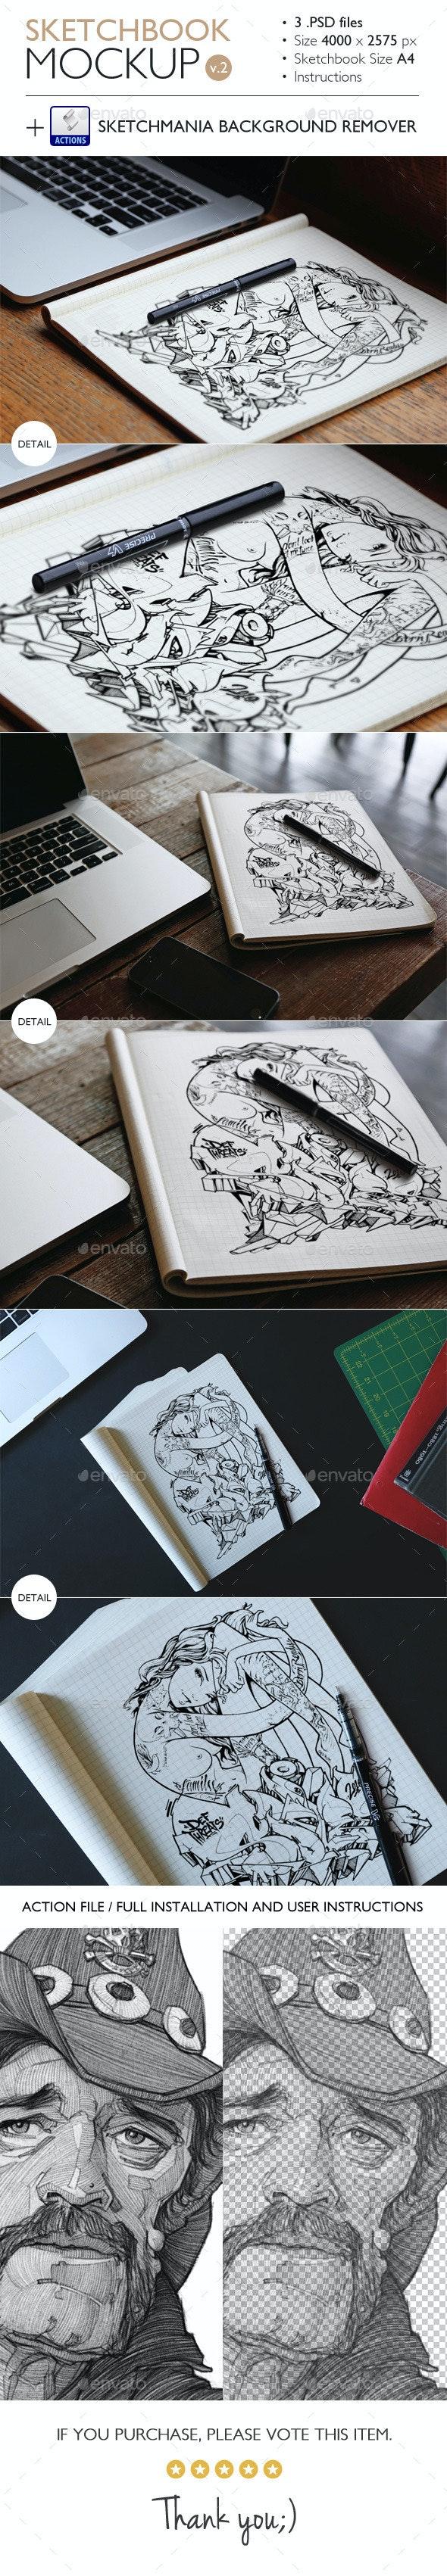 Sketchbook Mockup v.2 - Miscellaneous Product Mock-Ups